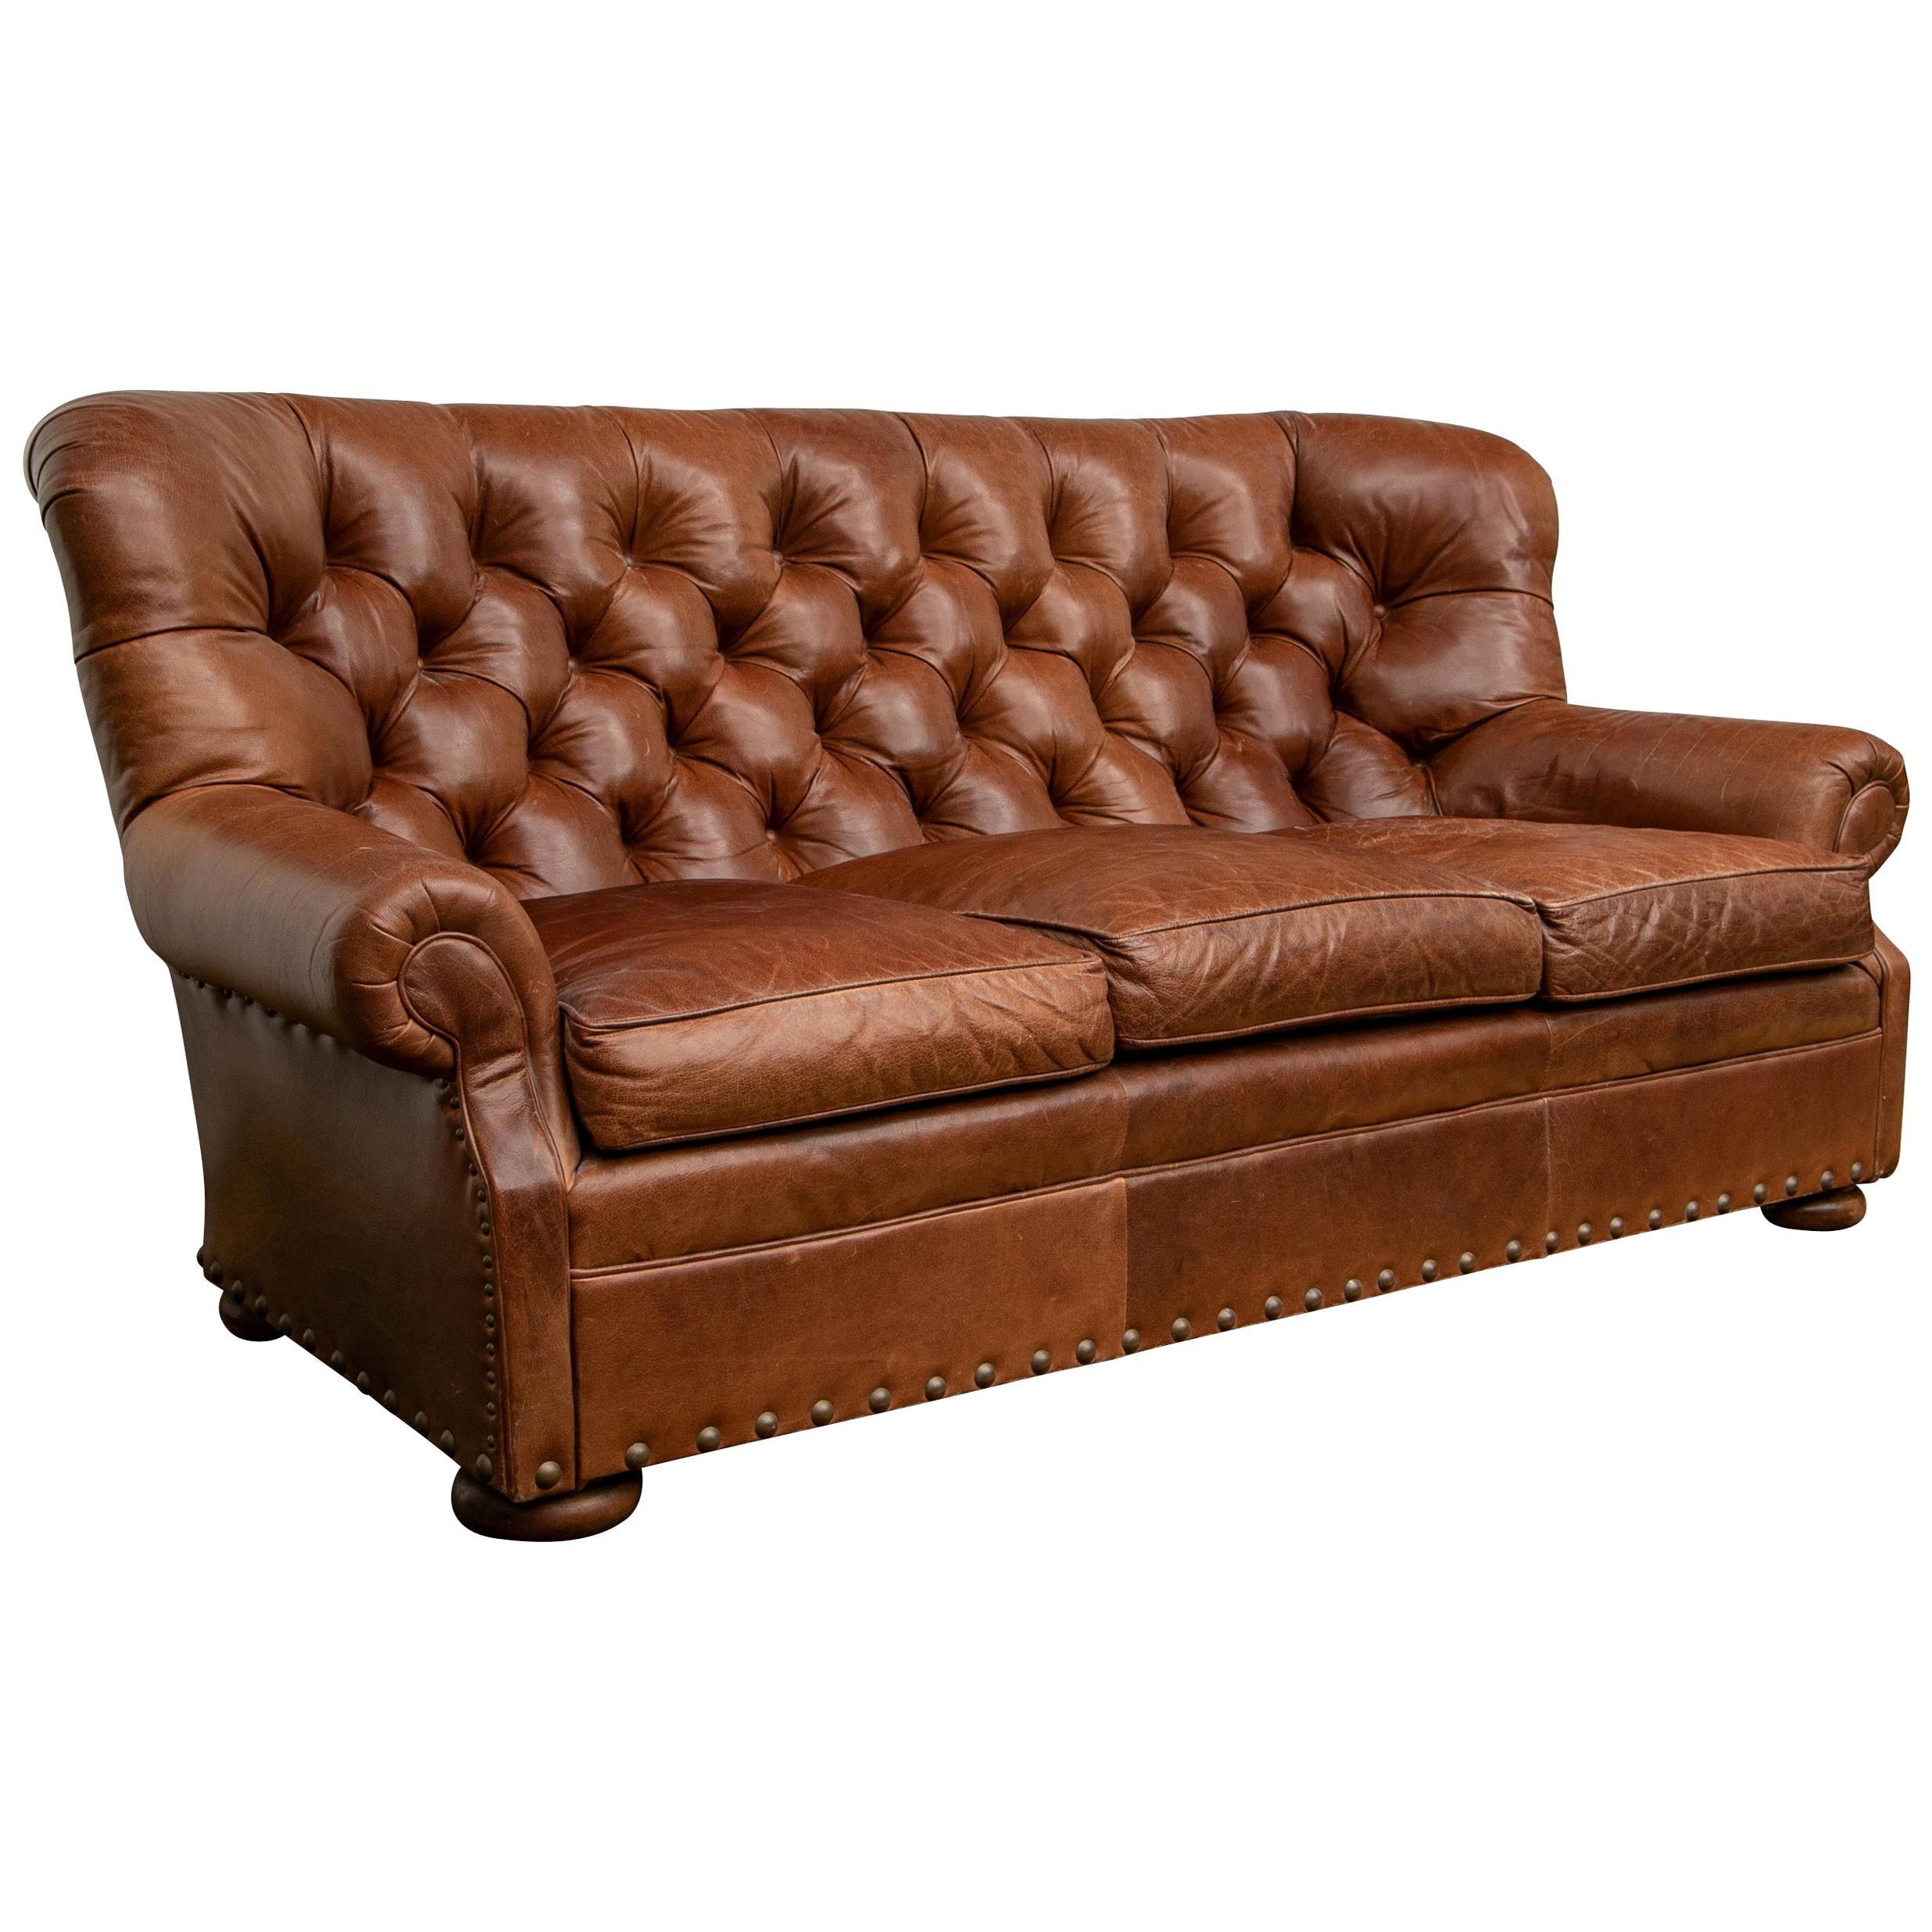 Brown Leather Three-Seat Sofa